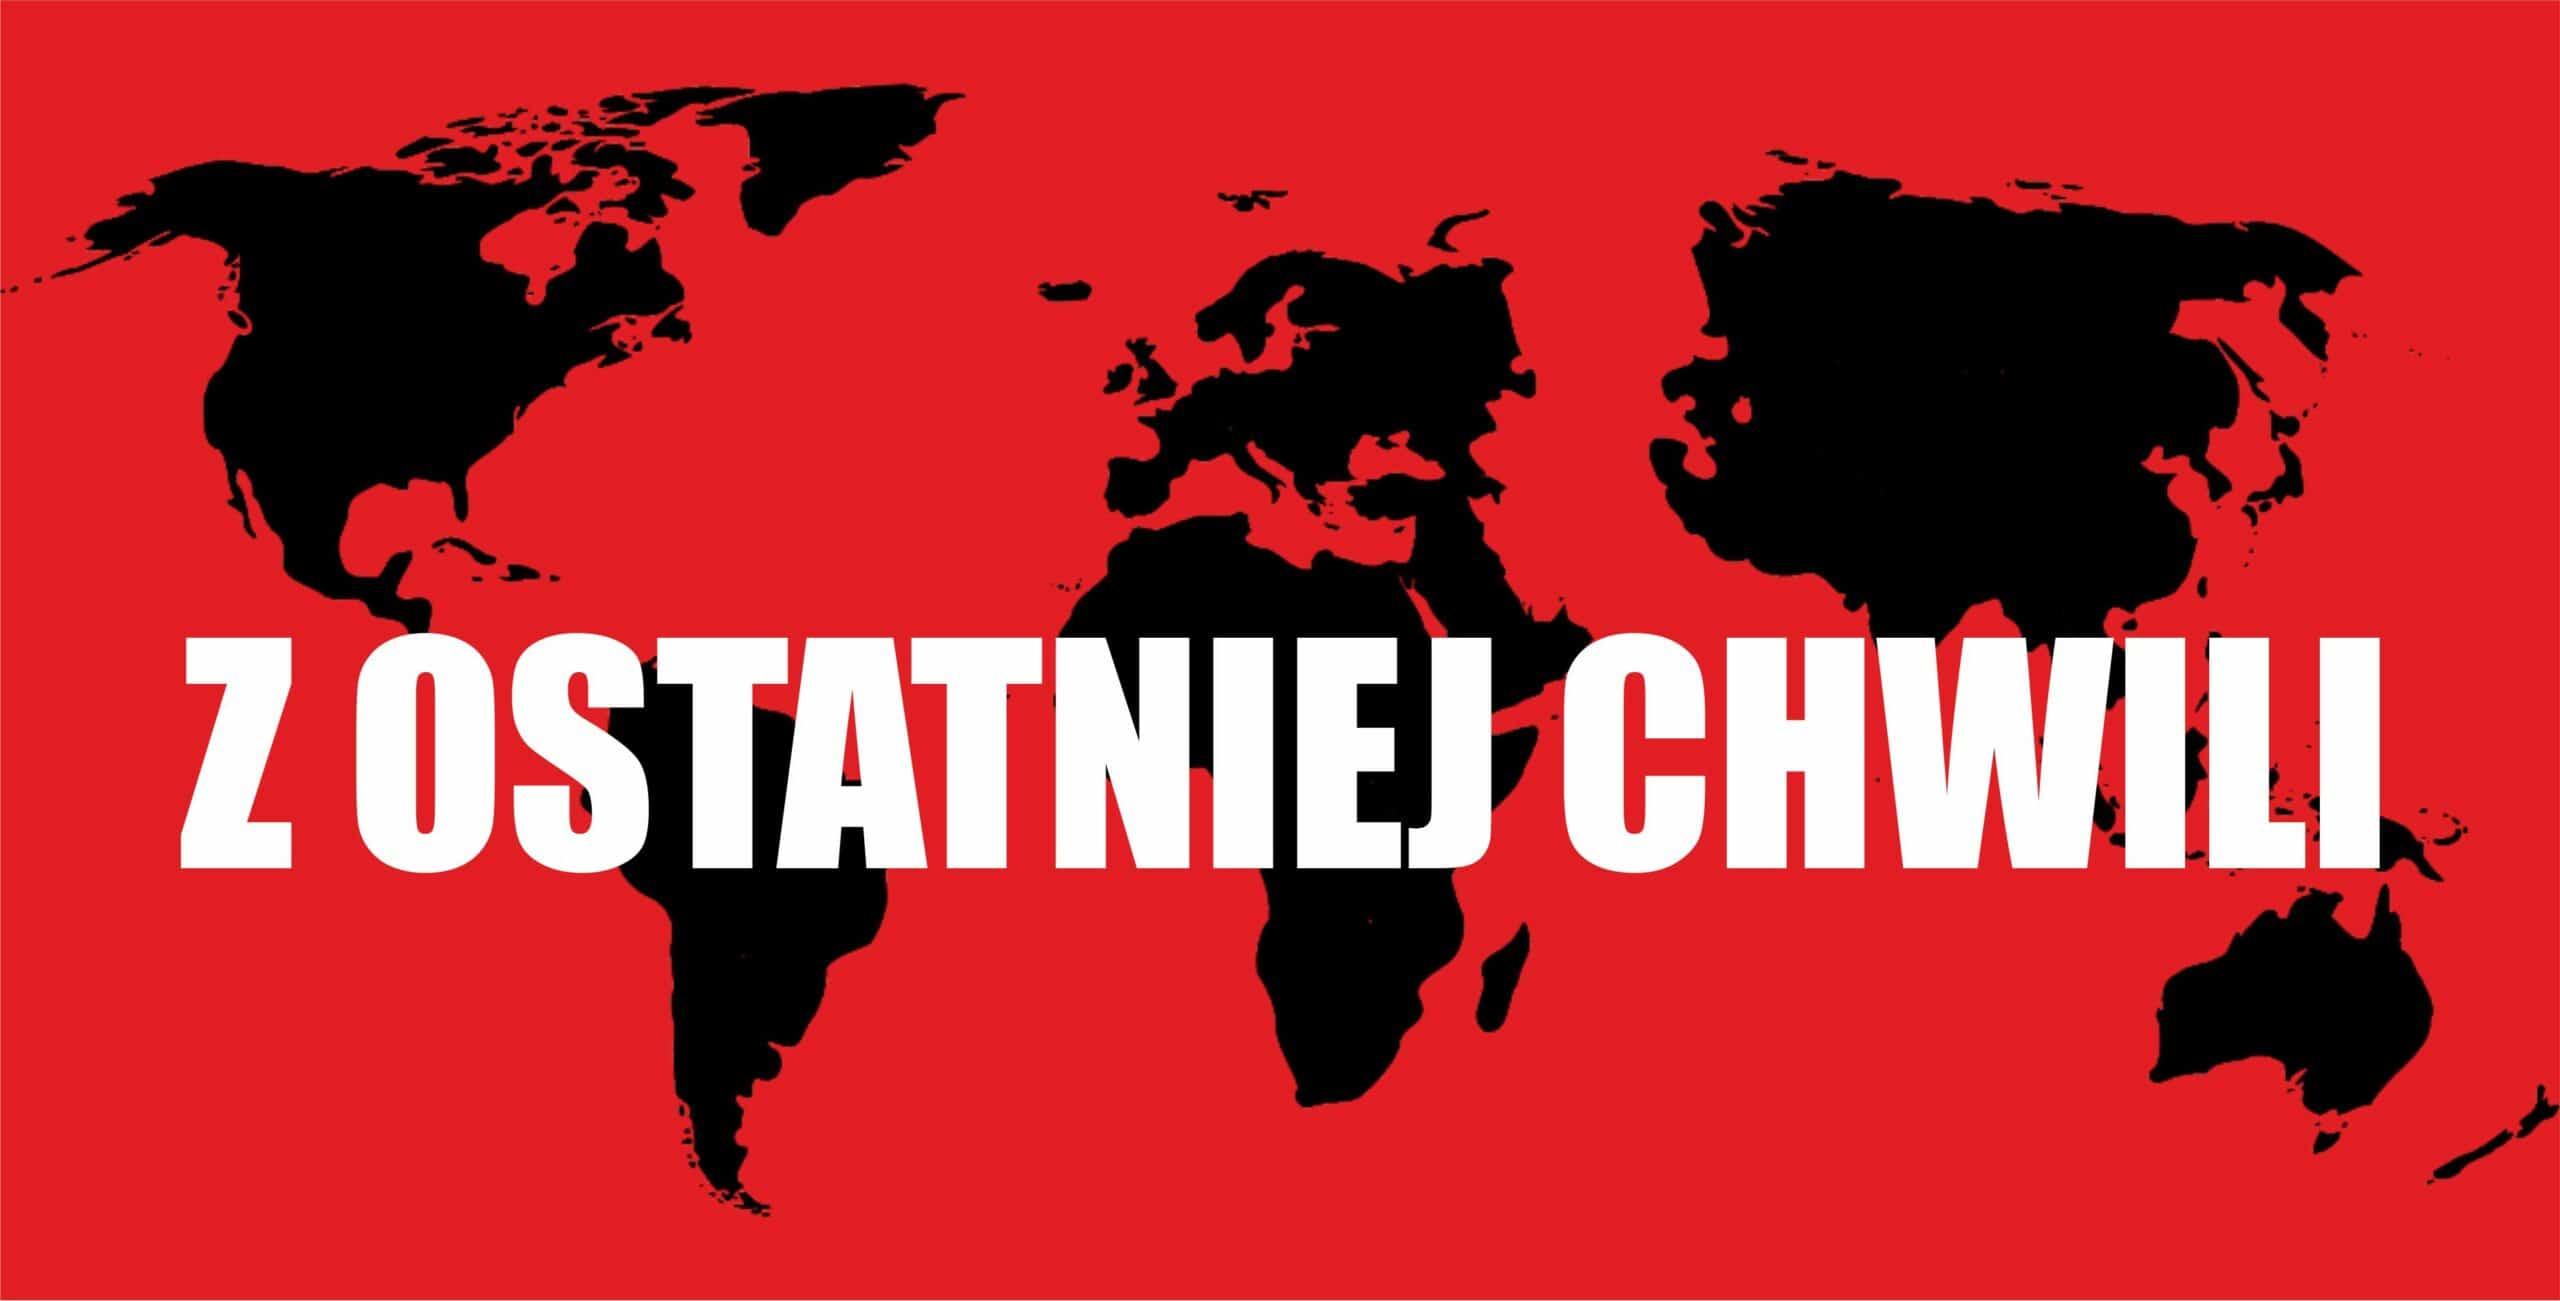 Pandemia koronawirusa: Światowa Organizacja Zdrowia (WHO) ogłosiło dziś pandemię, koronawirus powoli wymyka się spod kontroli, epidemia